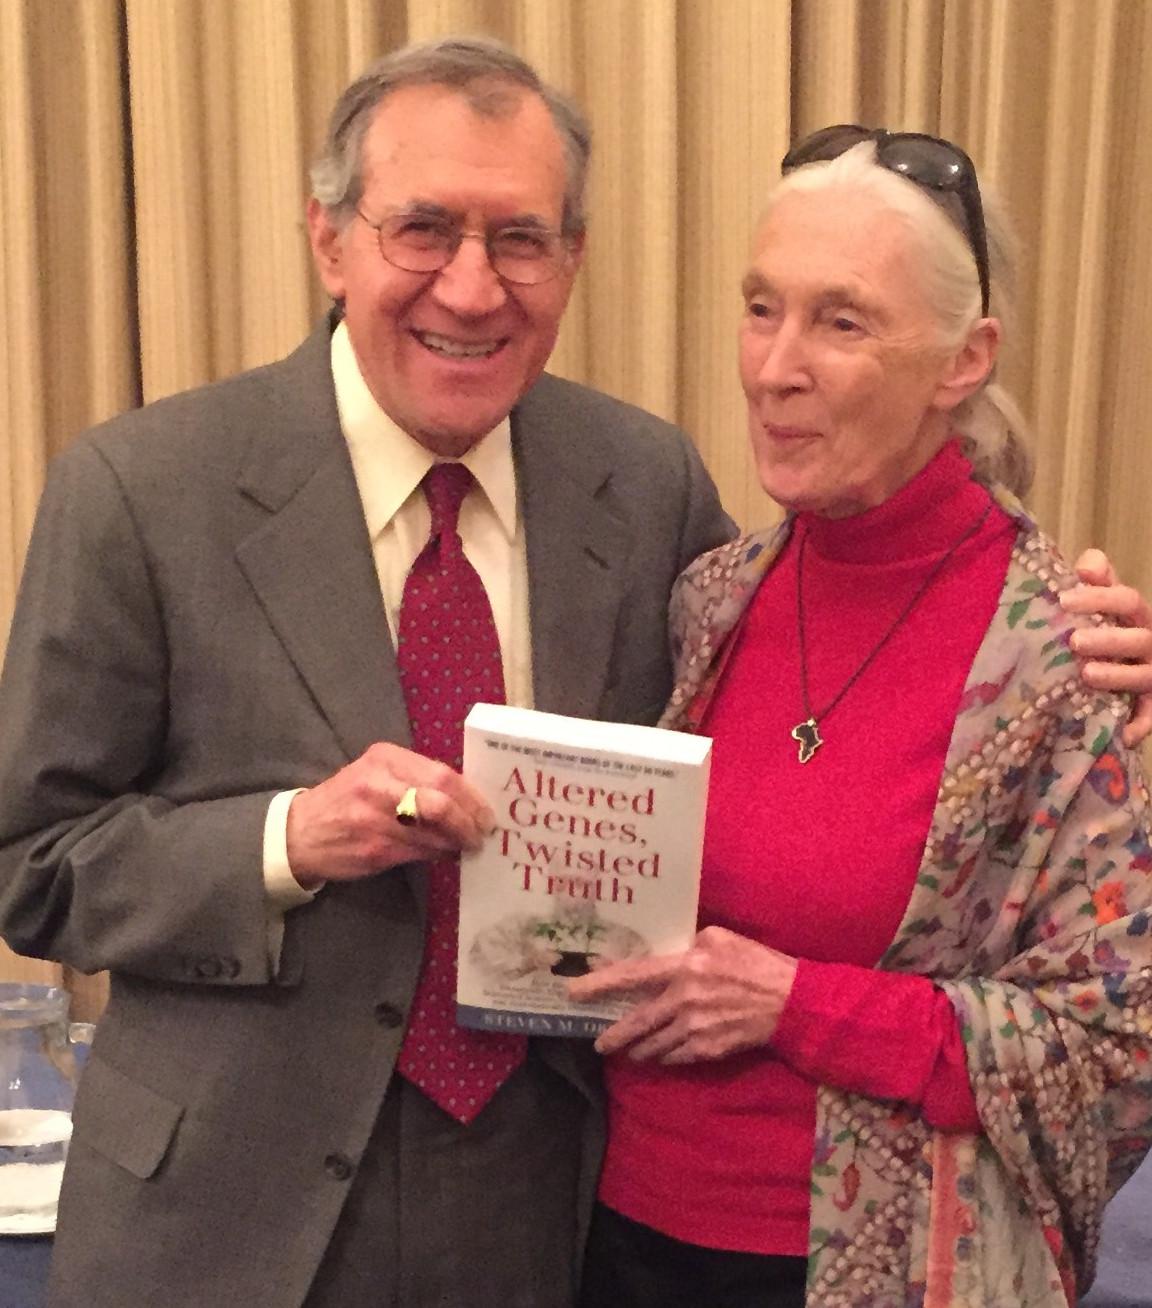 Auteur Steven Druker en schrijver van het voorwoord van het alles-onthullende boek rondom de gevaren van GMO: 'Altered Genes, Twisted Truth'..